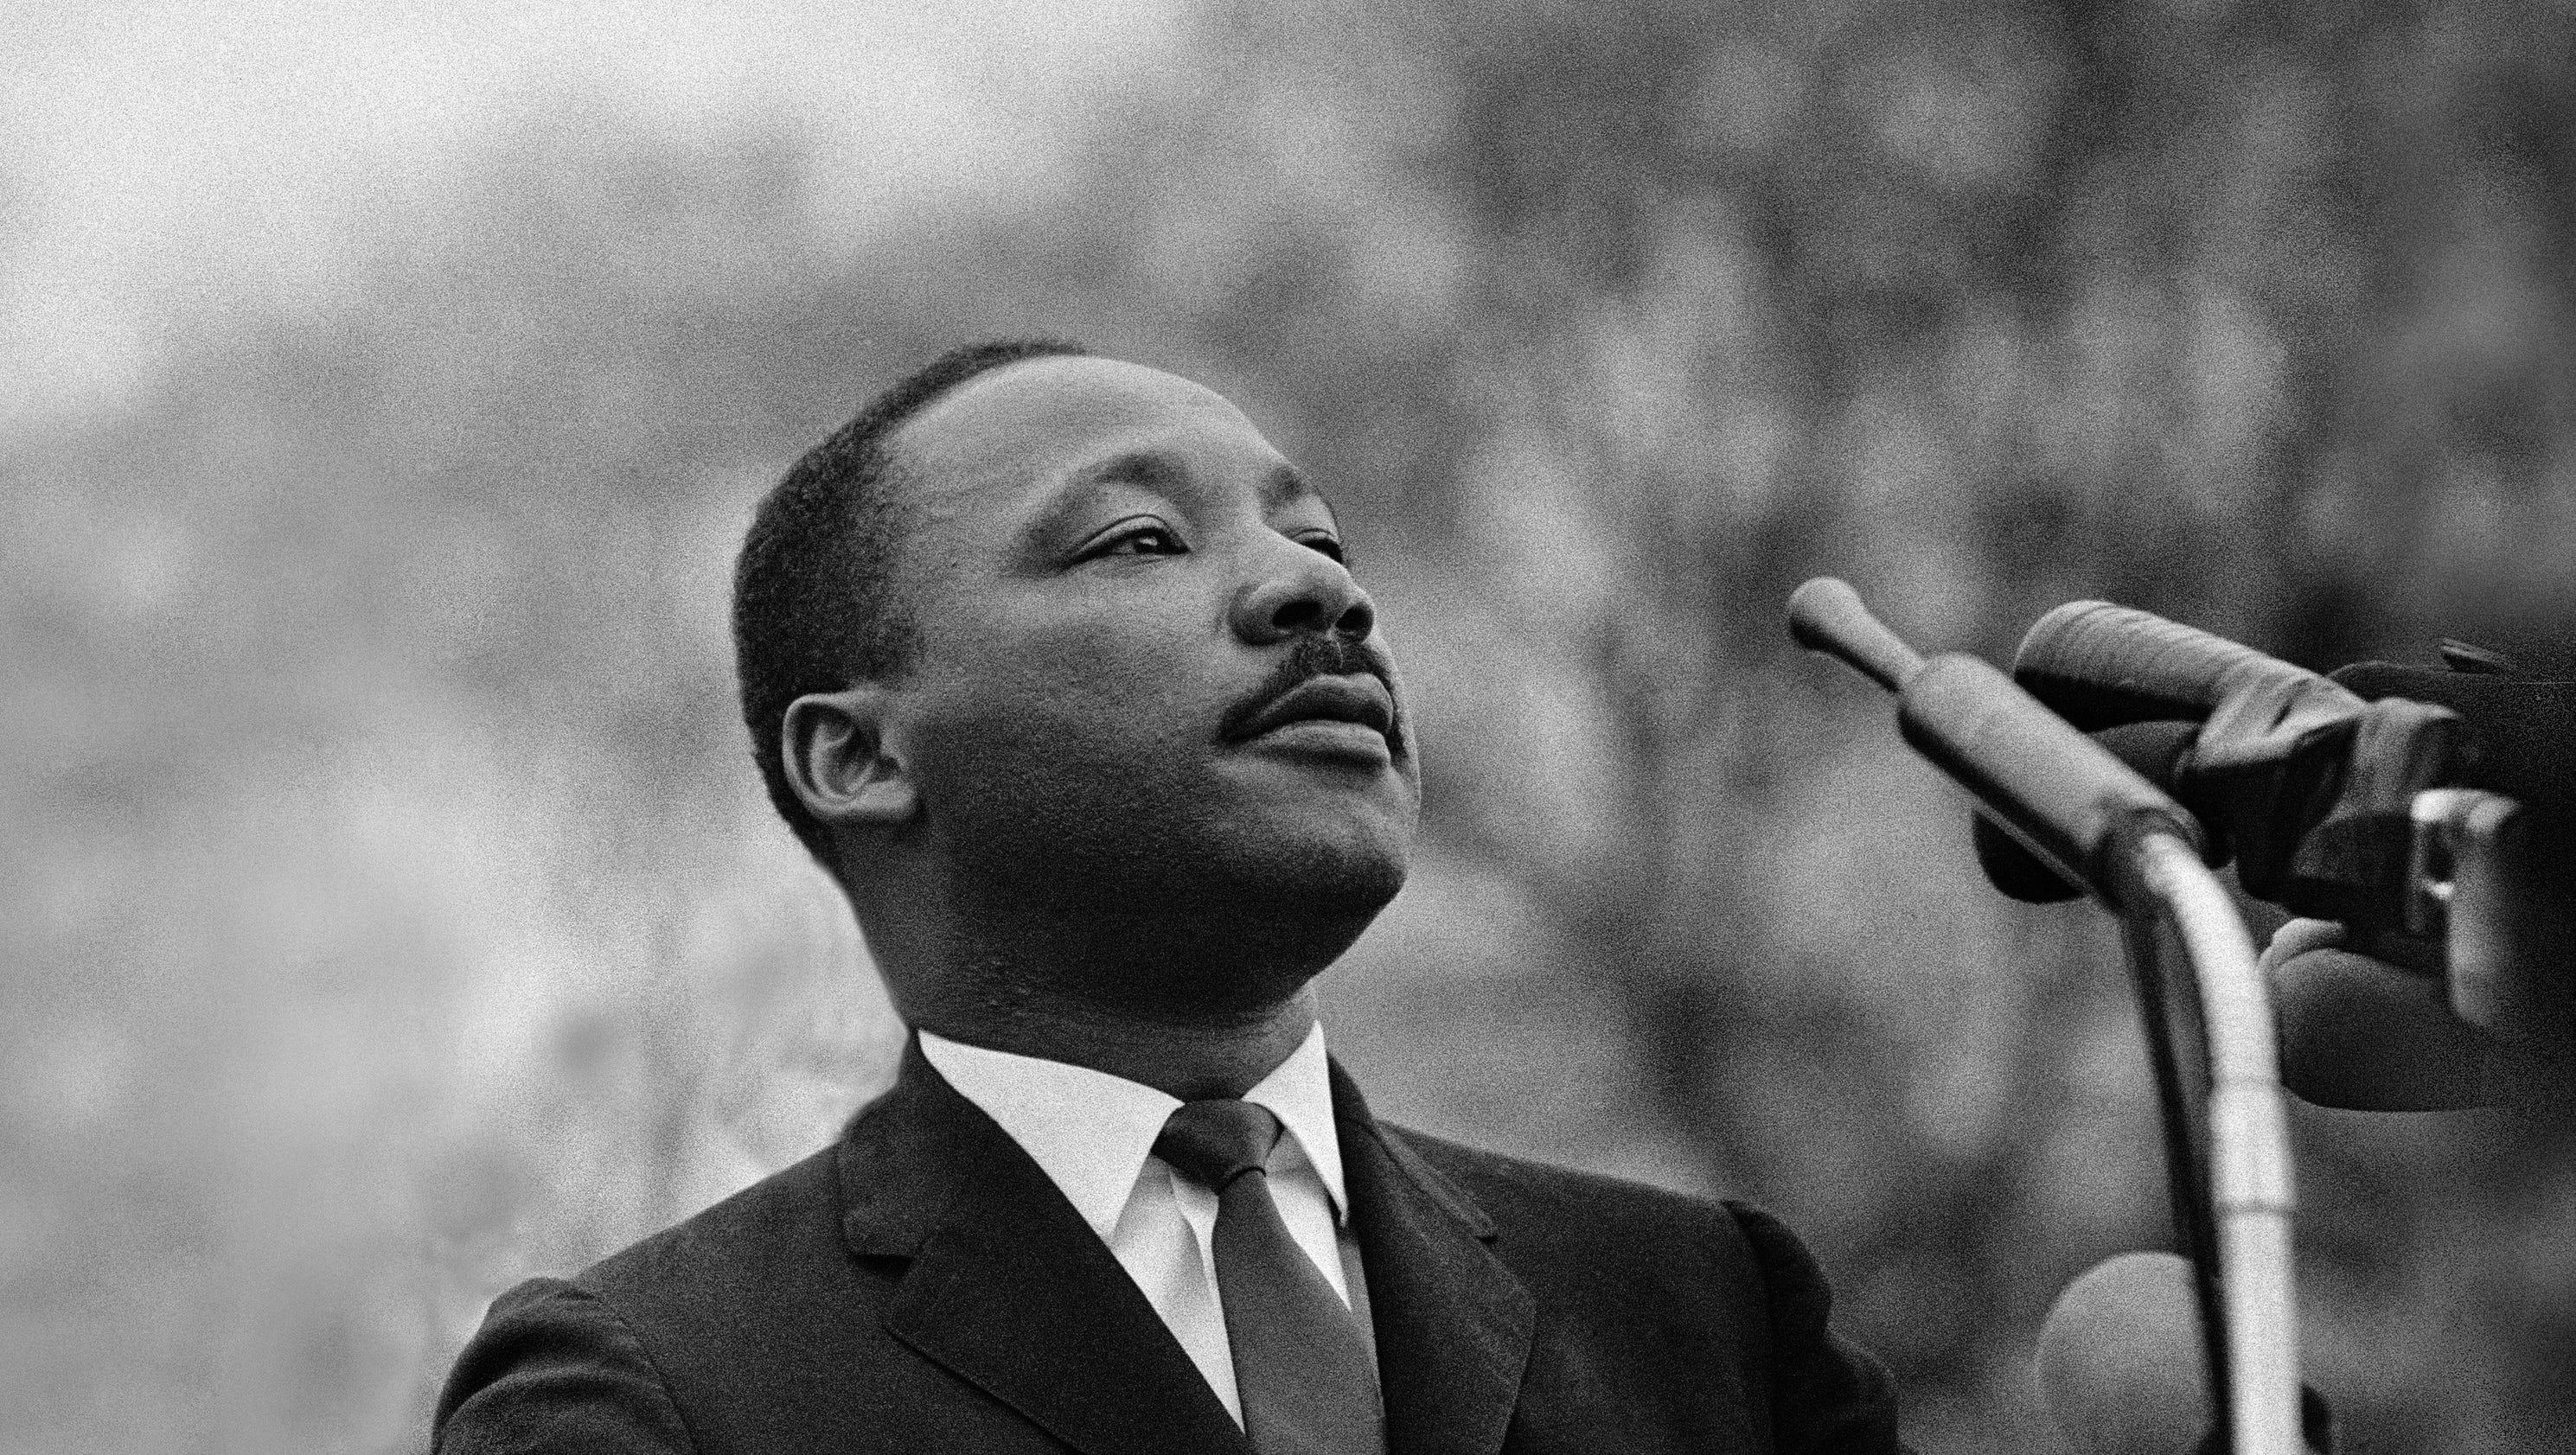 Beyond Vietnam: The MLK speech that caused an uproar